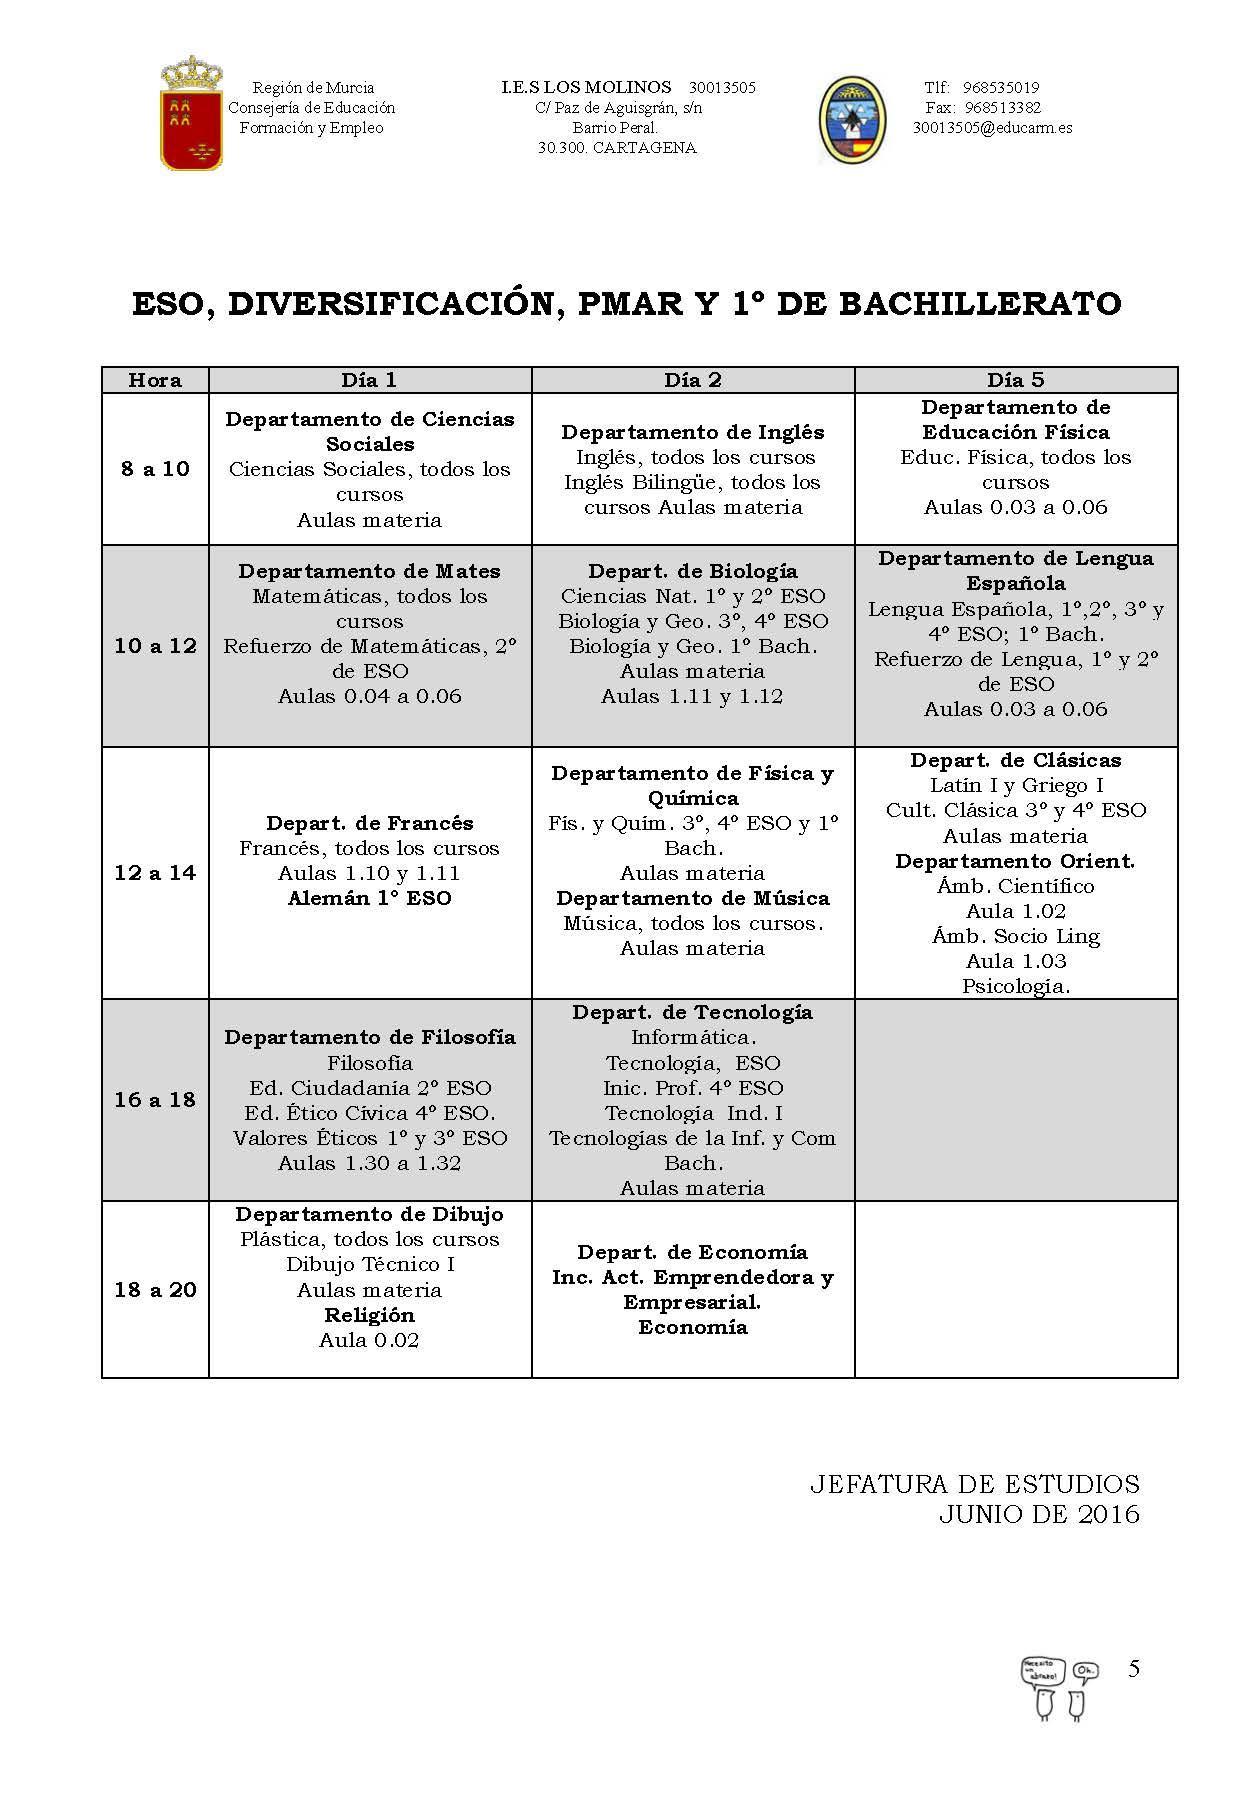 EXAMENES_SEPTIEMBRE_2016_Página_2